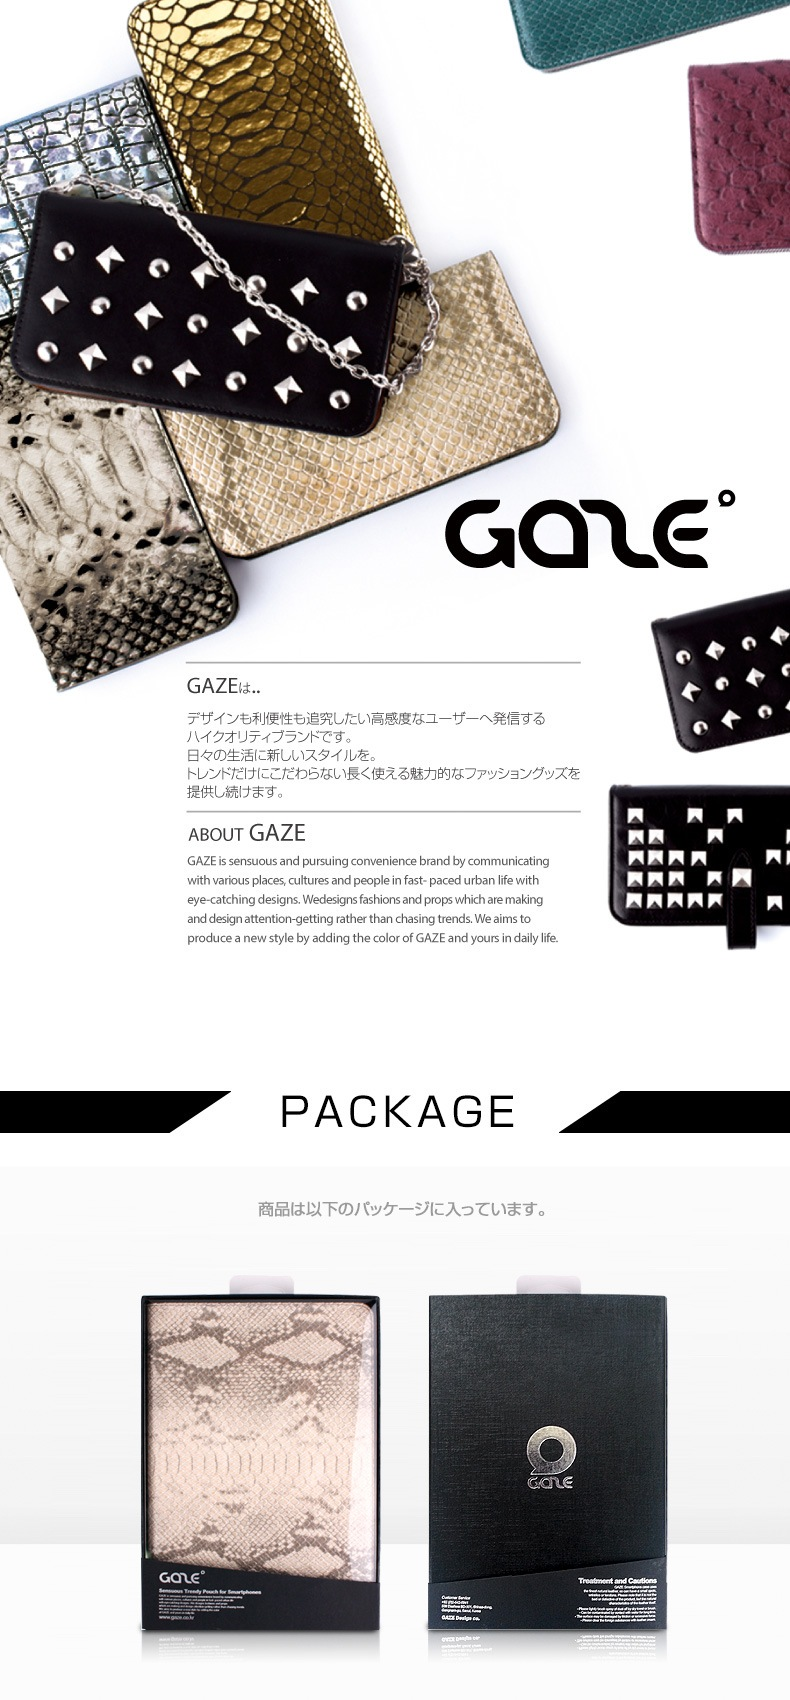 商品パッケージ-iPadmini専用ケース